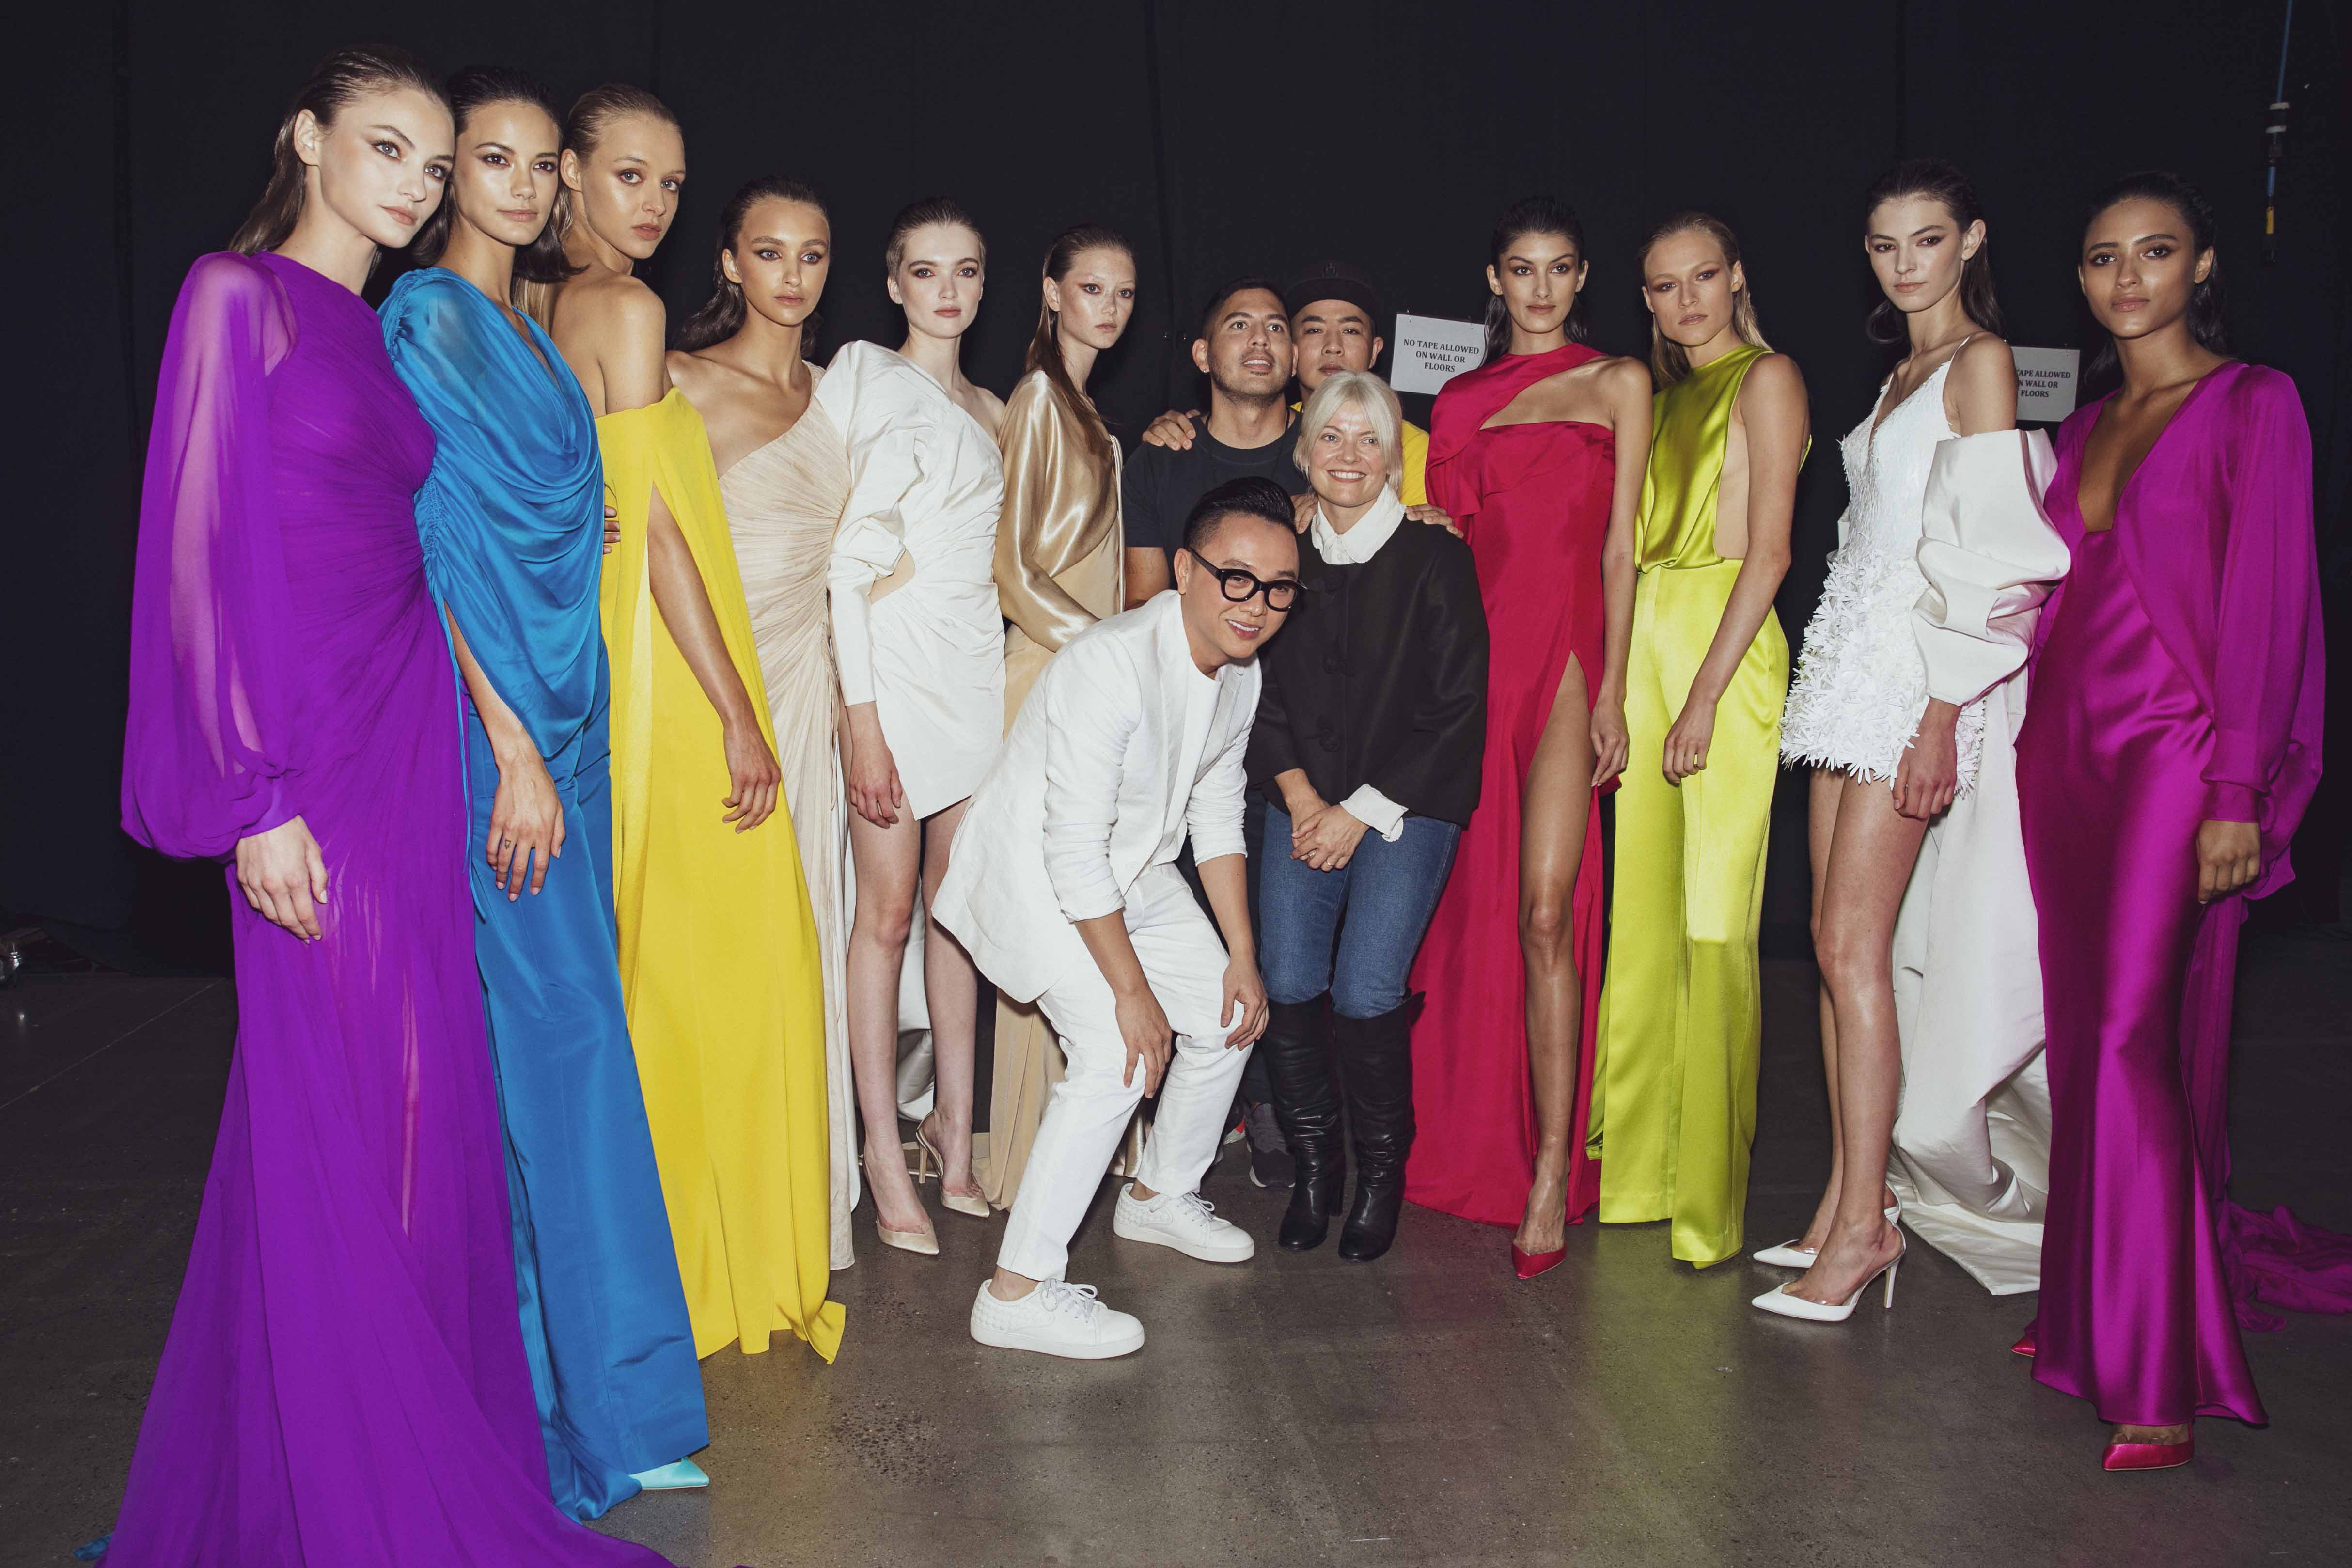 backstrage buổi trình diễn bst cong tri xuân hè 2020 công trí kate young và các người mẫu